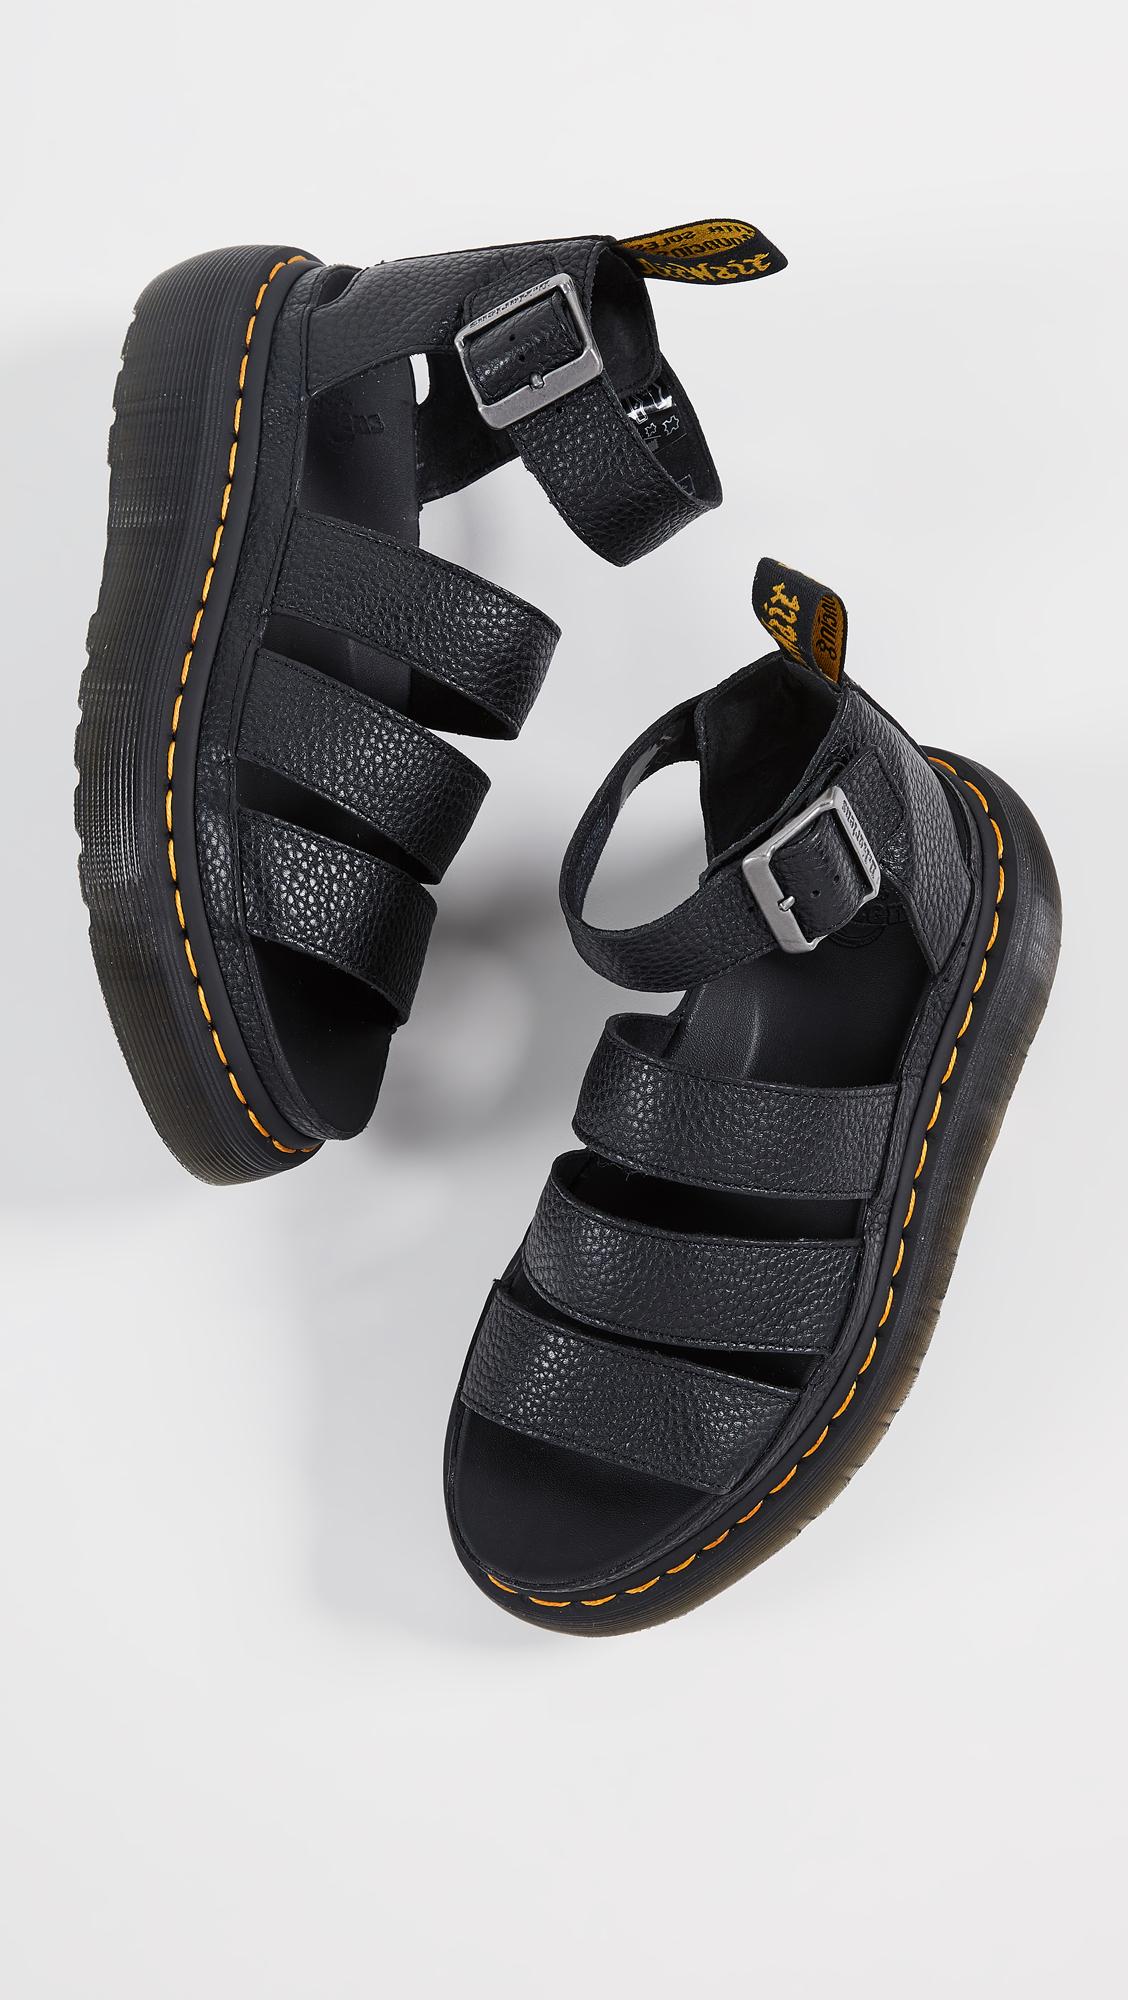 7129a4e4dab3 Dr. Martens Clarissa II Quad Sandals